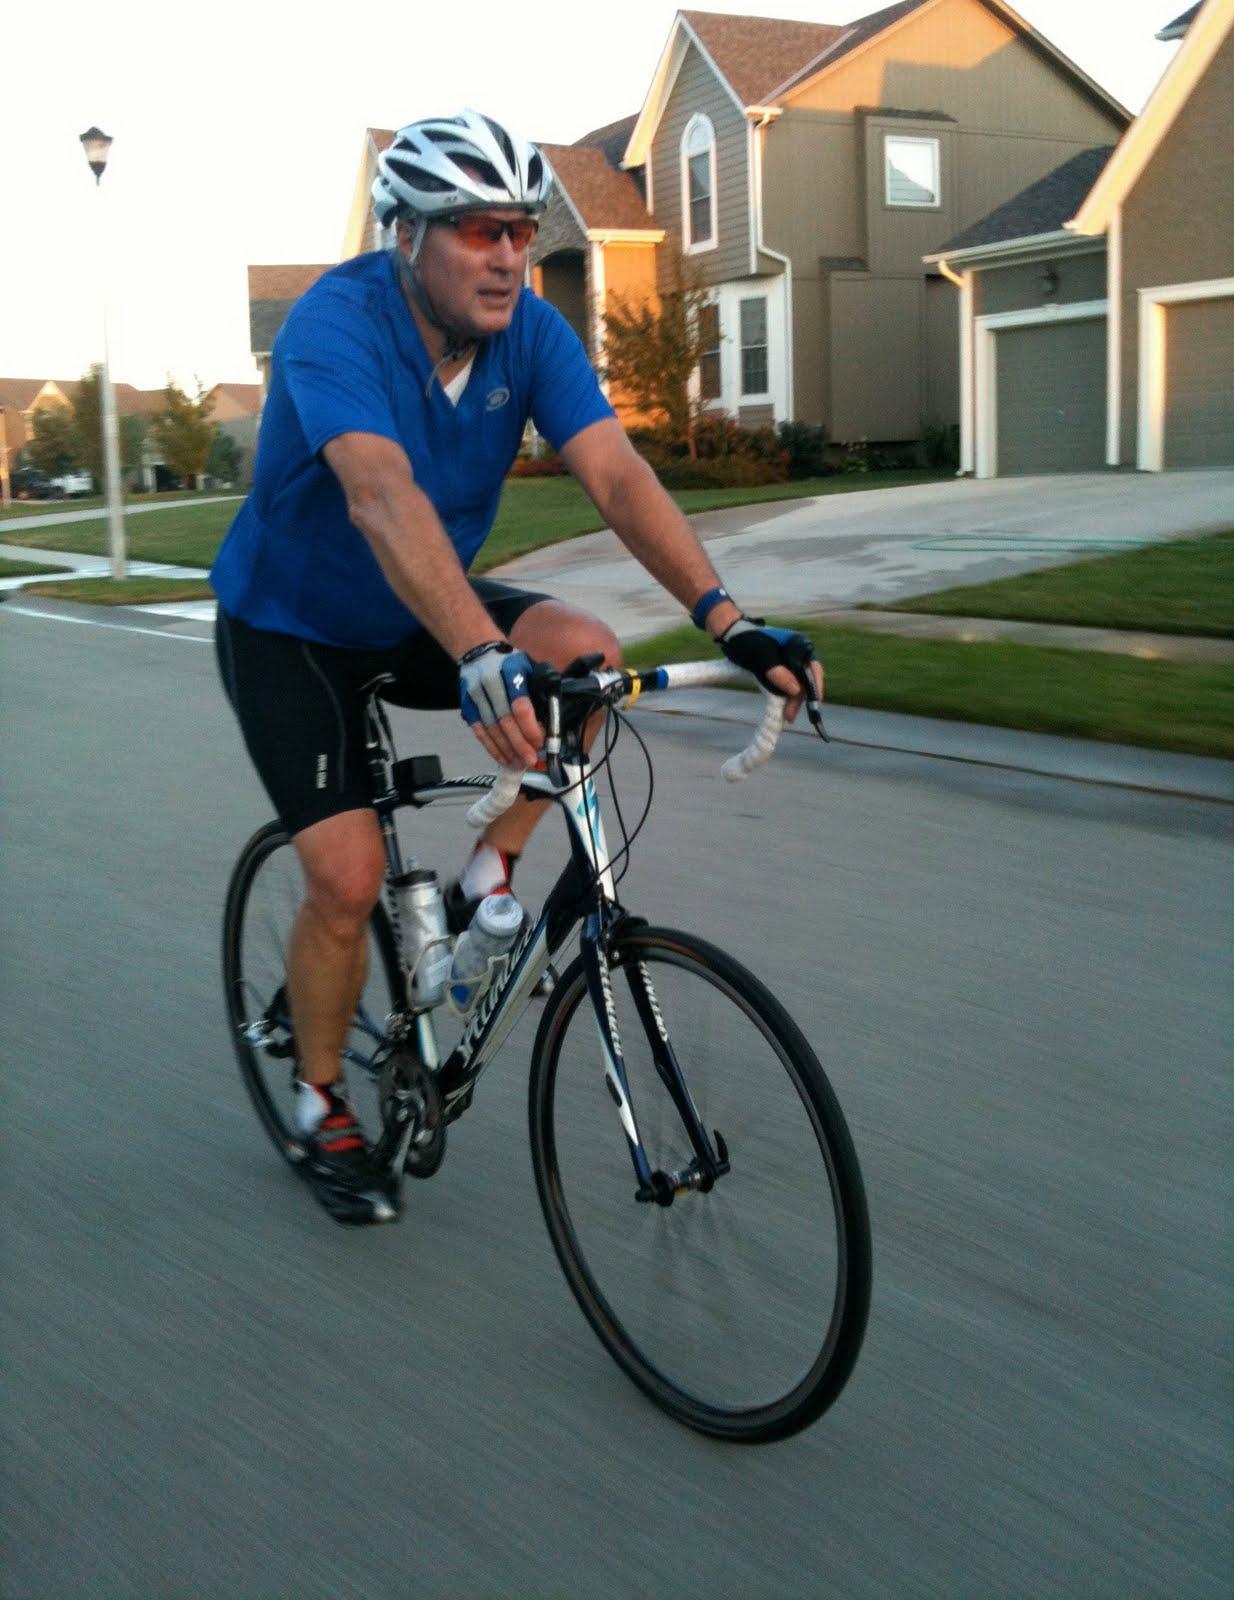 http://1.bp.blogspot.com/_NeIwbI5p47U/THP9e21M7LI/AAAAAAAAAjc/9lH1mini0-U/s1600/Biking100823004.JPG